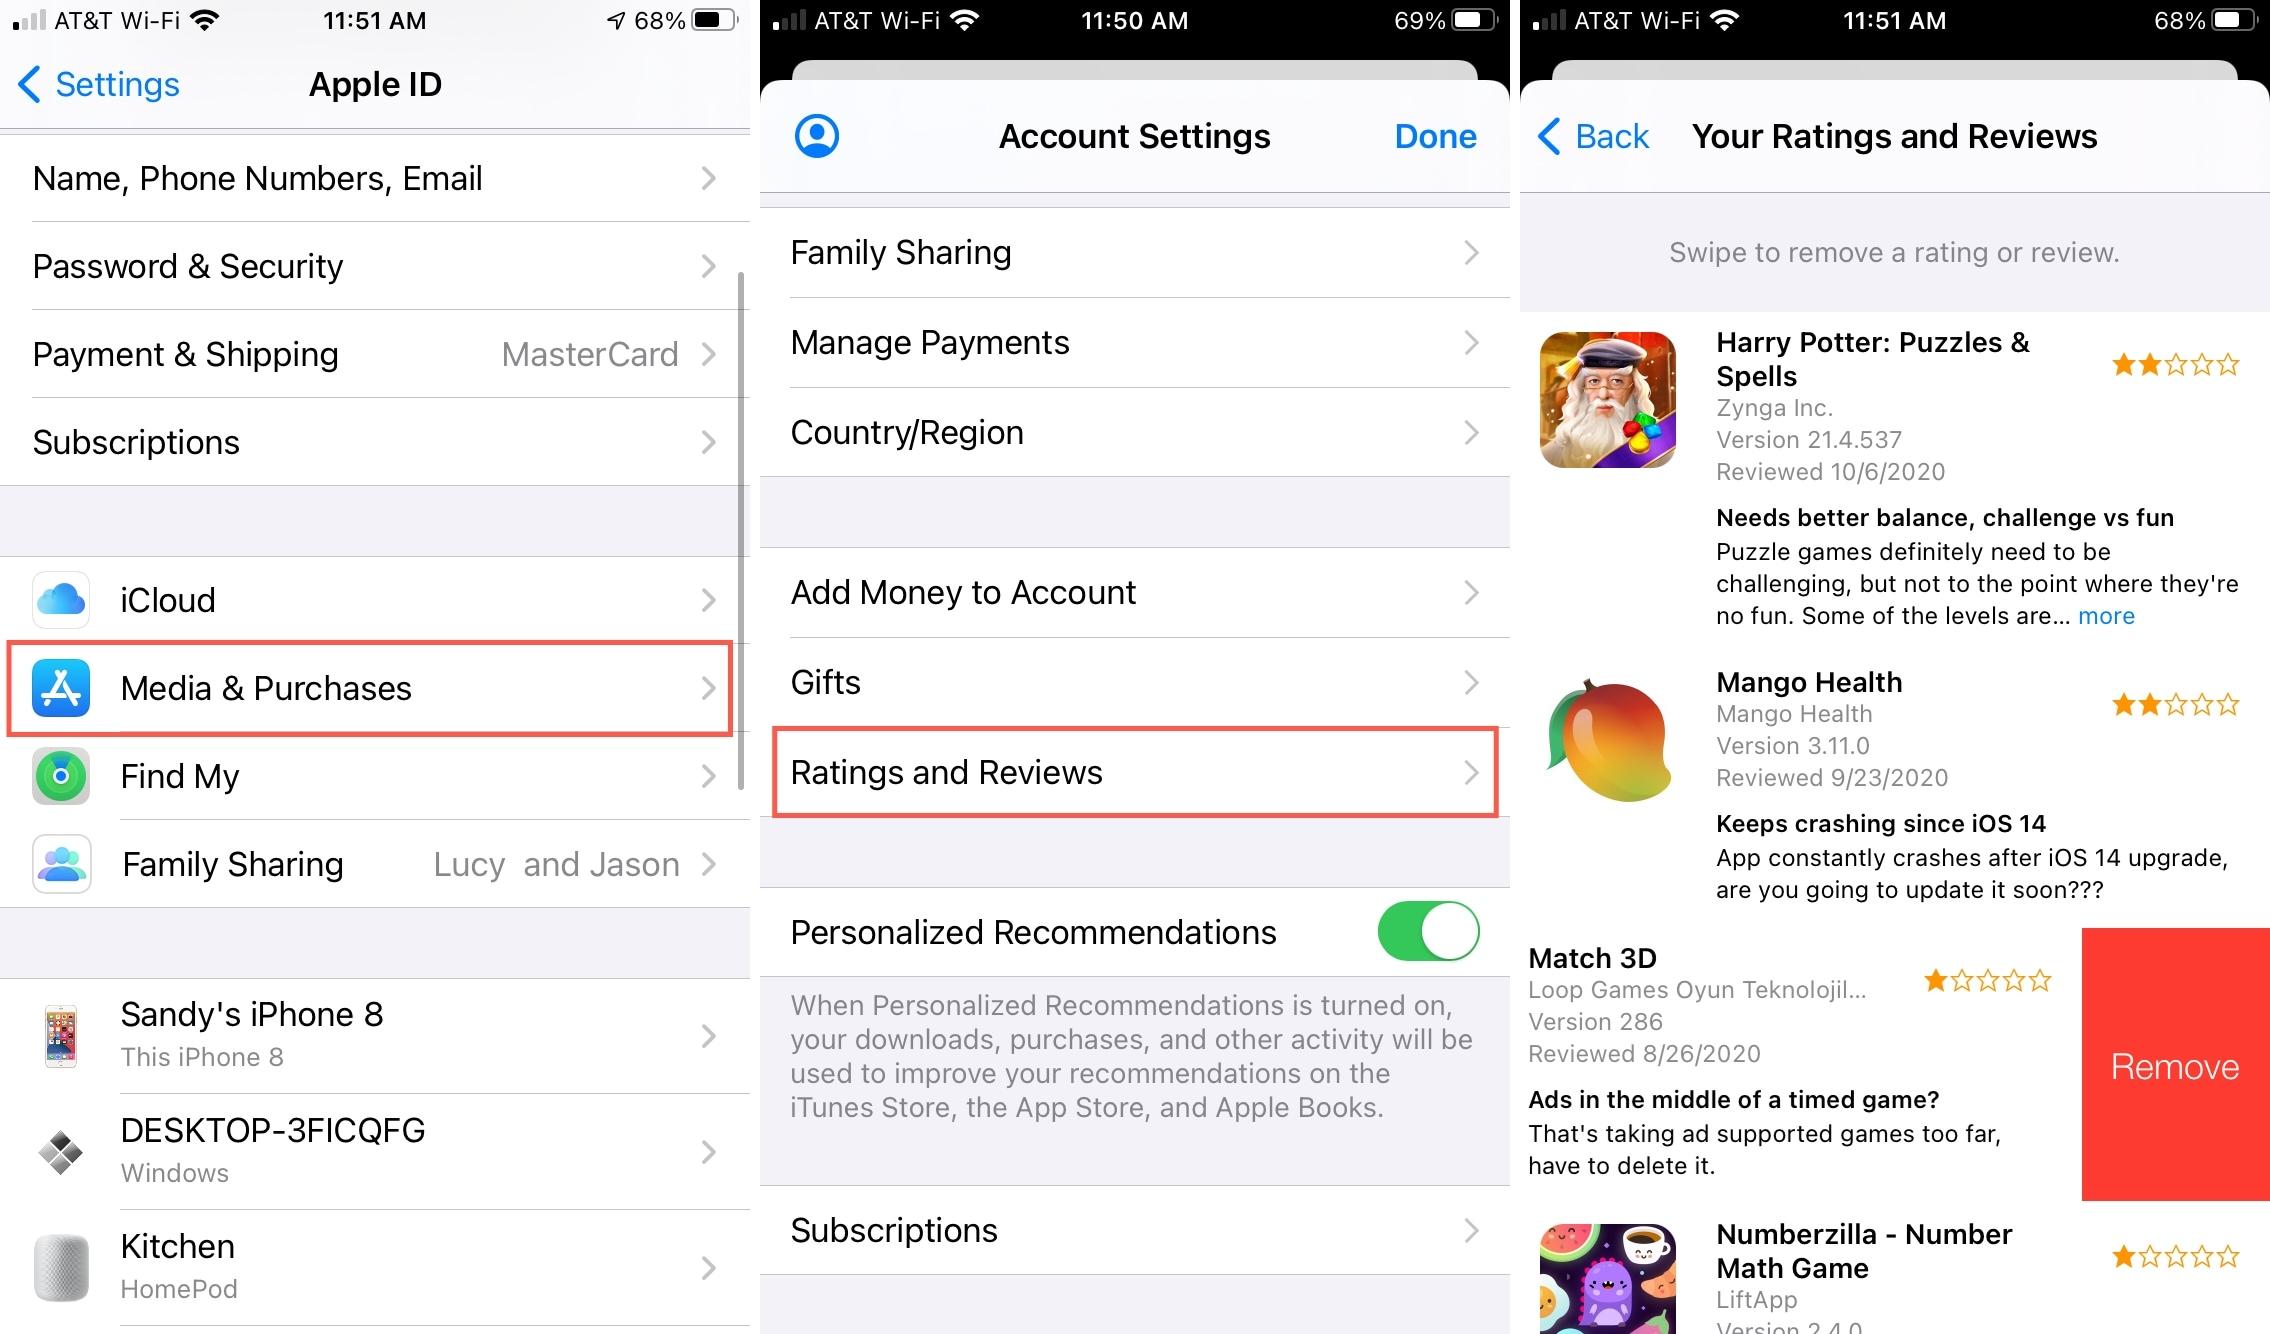 Medios de comunicación y compras, valoraciones y reseñas en la App Store